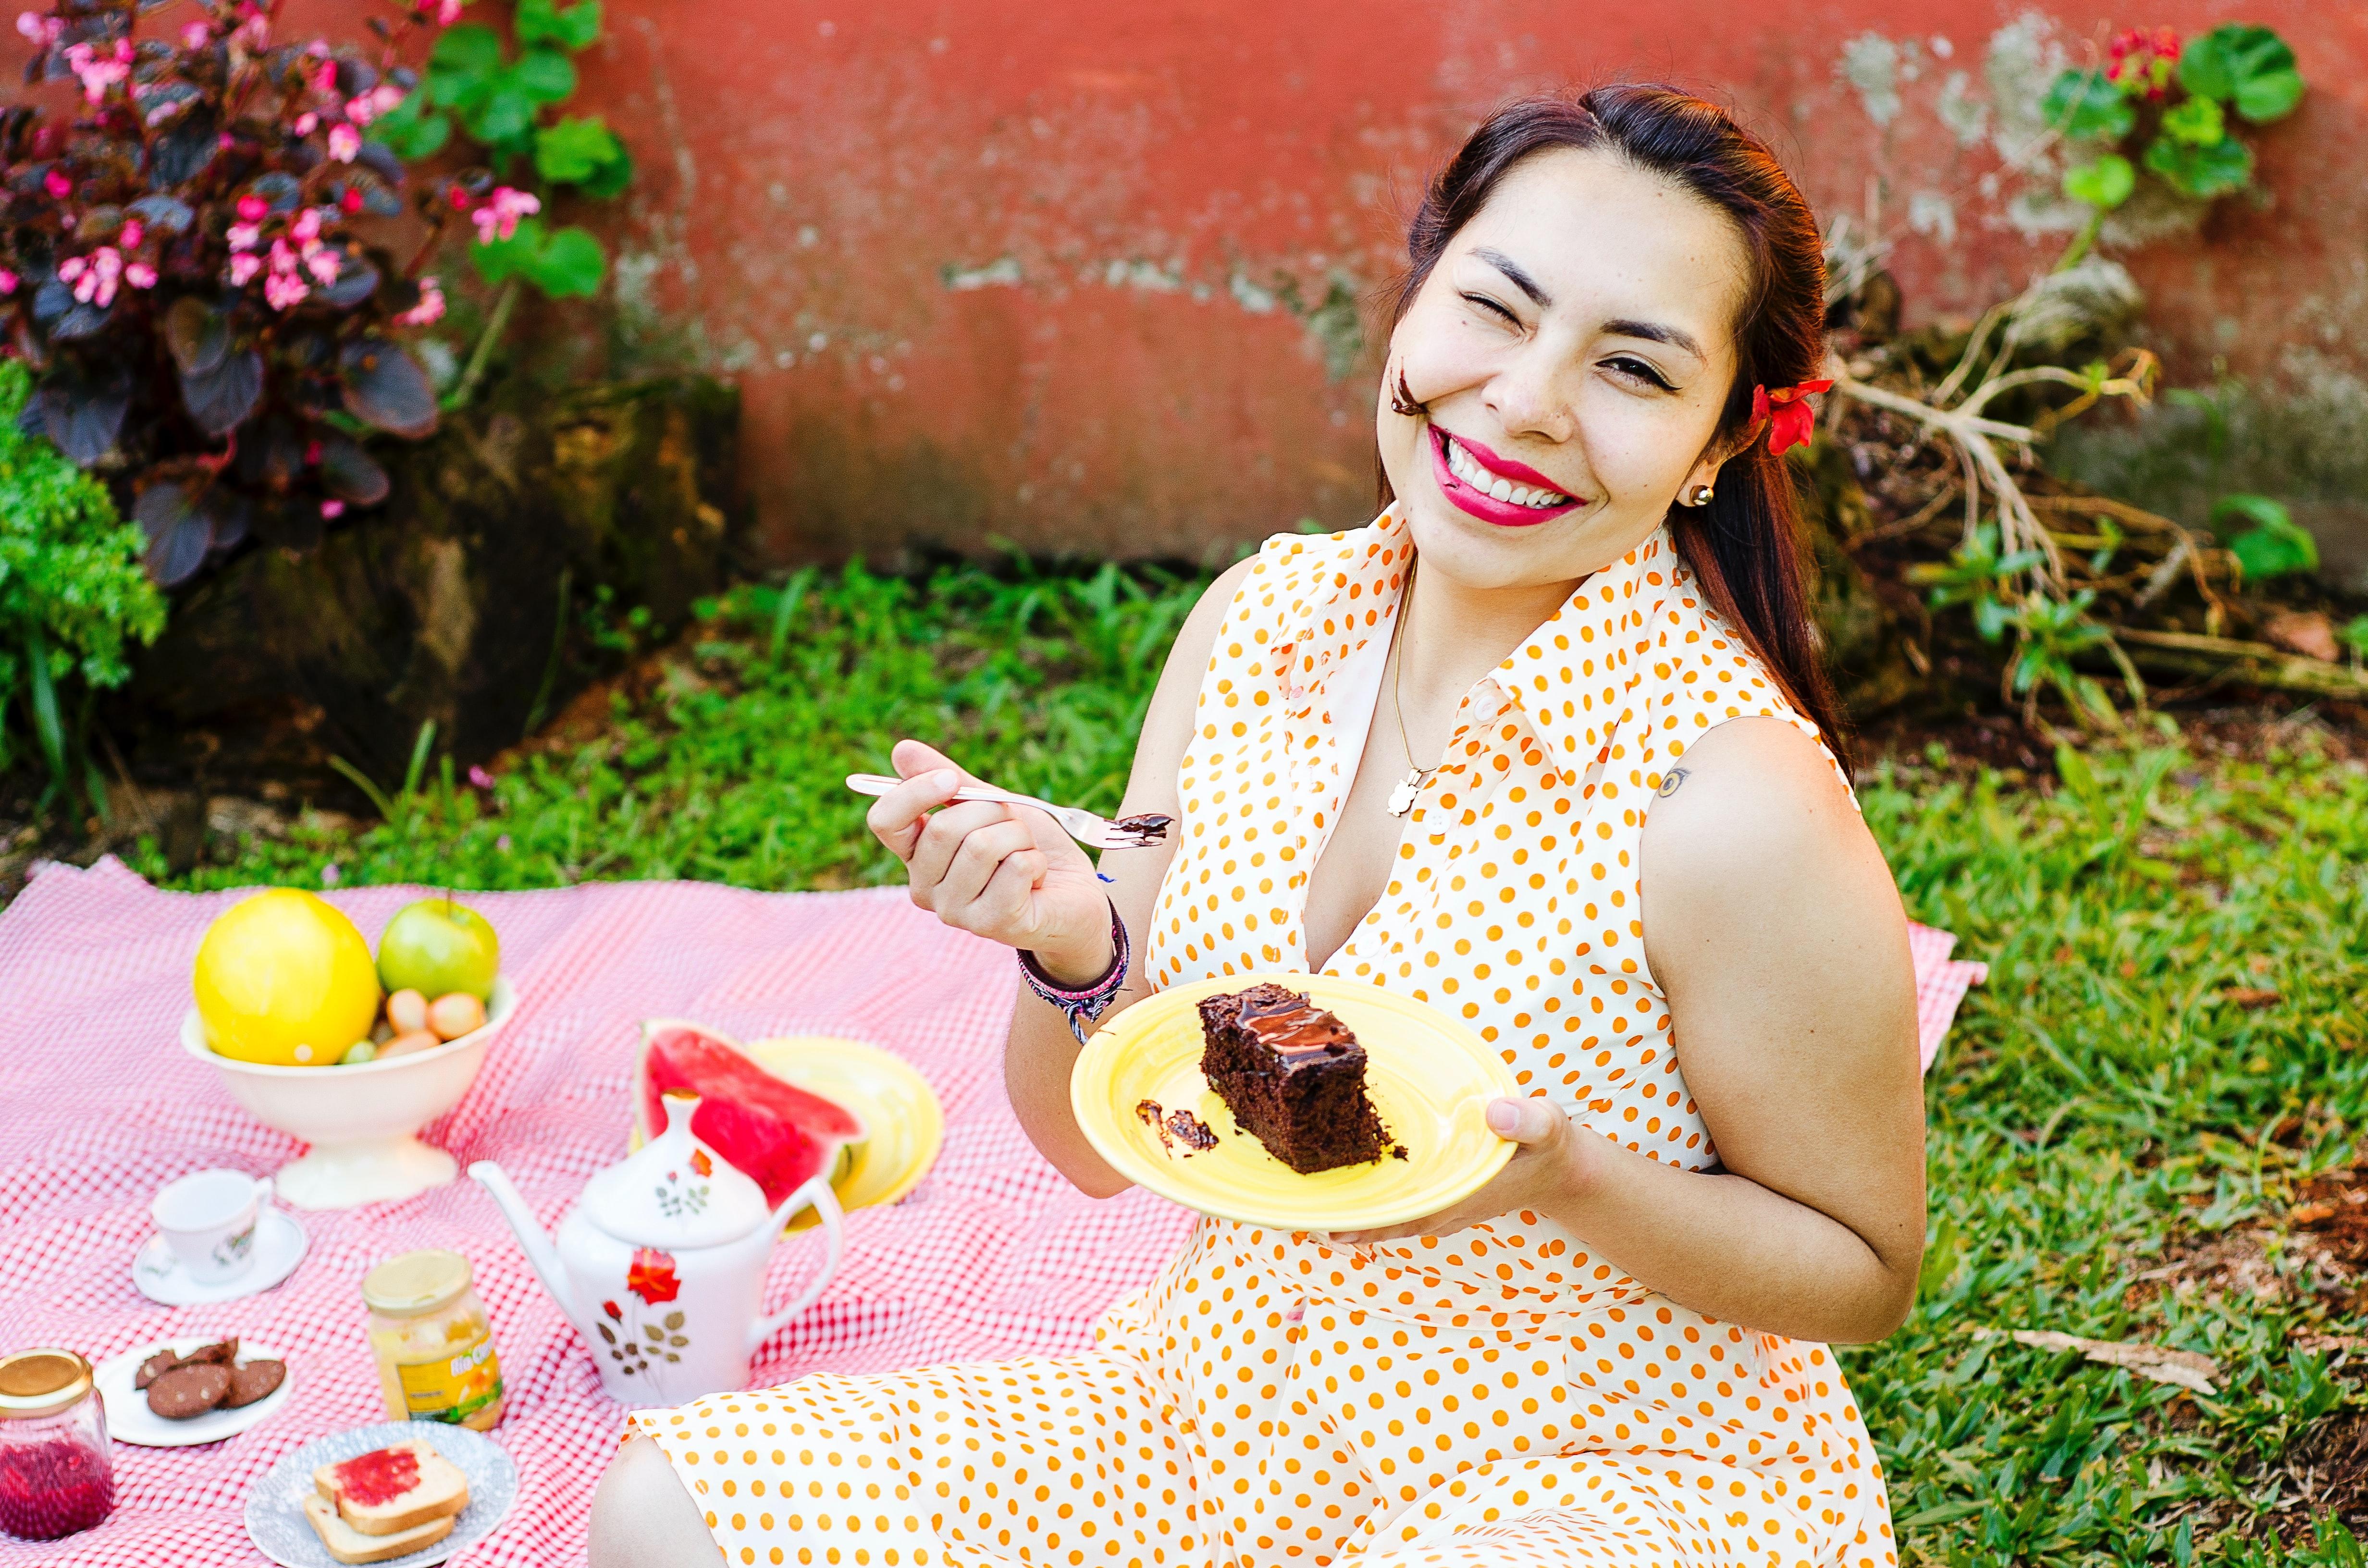 Cukrová očista: Adiós, vanilkové rohlíčky!